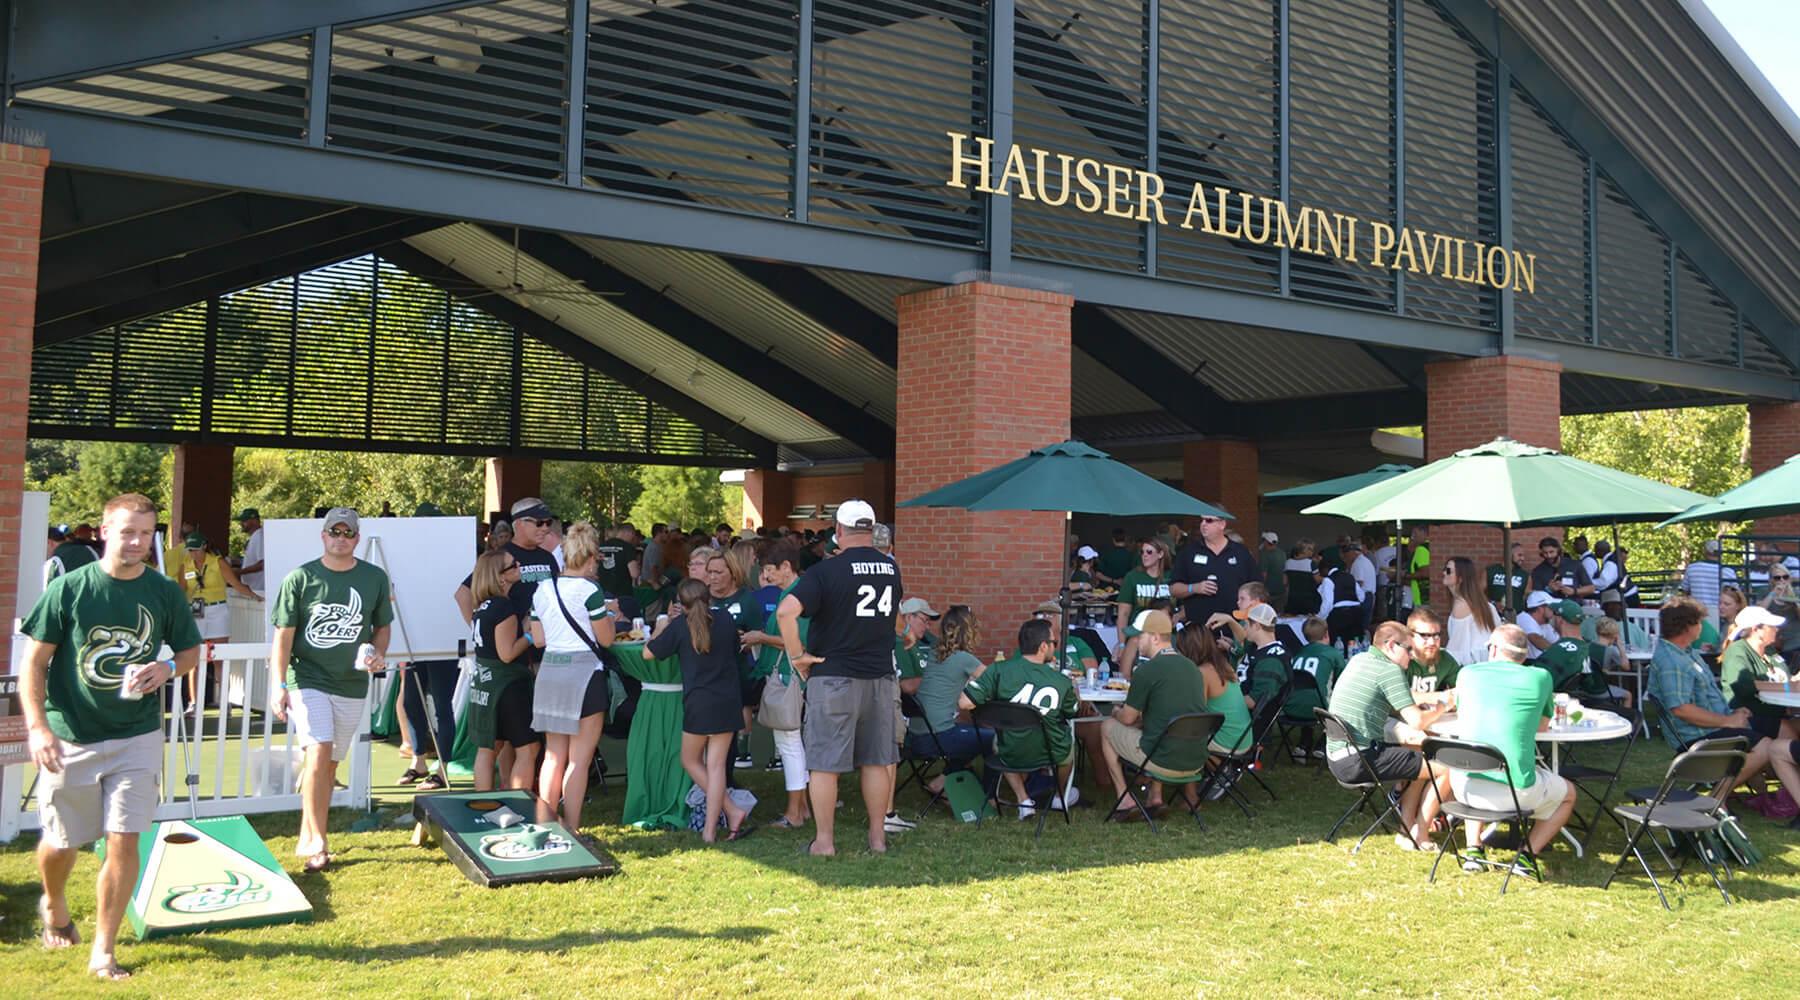 Hauser Alumni Pavilion